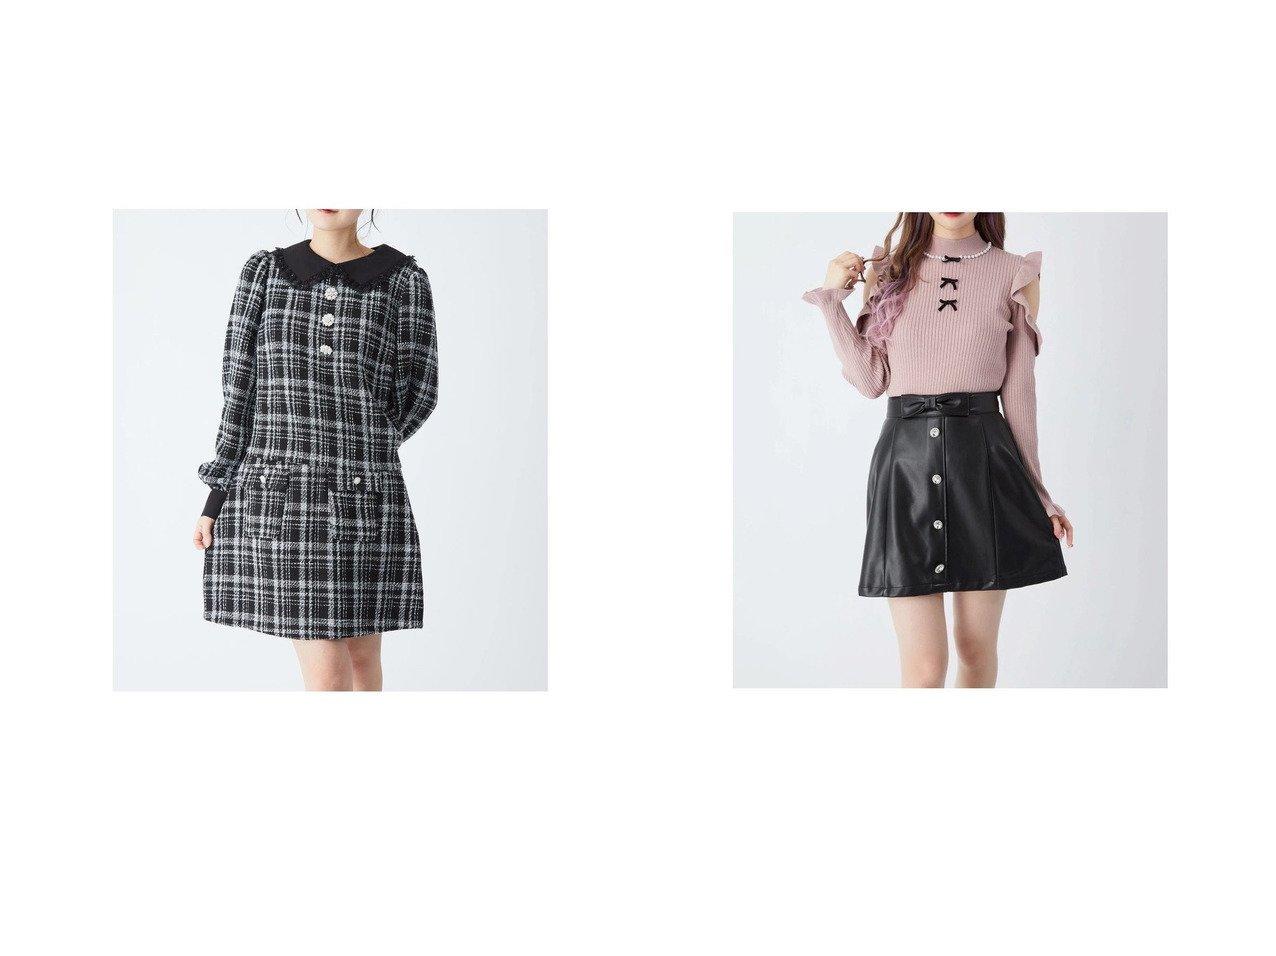 【Ank Rouge/アンクルージュ】のポケット付きスカート&フロントビジュー台形ミニスカート Ank Rougeのおすすめ!人気、トレンド・レディースファッションの通販 おすすめで人気の流行・トレンド、ファッションの通販商品 メンズファッション・キッズファッション・インテリア・家具・レディースファッション・服の通販 founy(ファニー) https://founy.com/ ファッション Fashion レディースファッション WOMEN スカート Skirt ミニスカート Mini Skirts 2021年 2021 2021 春夏 S/S SS Spring/Summer 2021 S/S 春夏 SS Spring/Summer ガーリー パール ポケット 春 Spring |ID:crp329100000018497